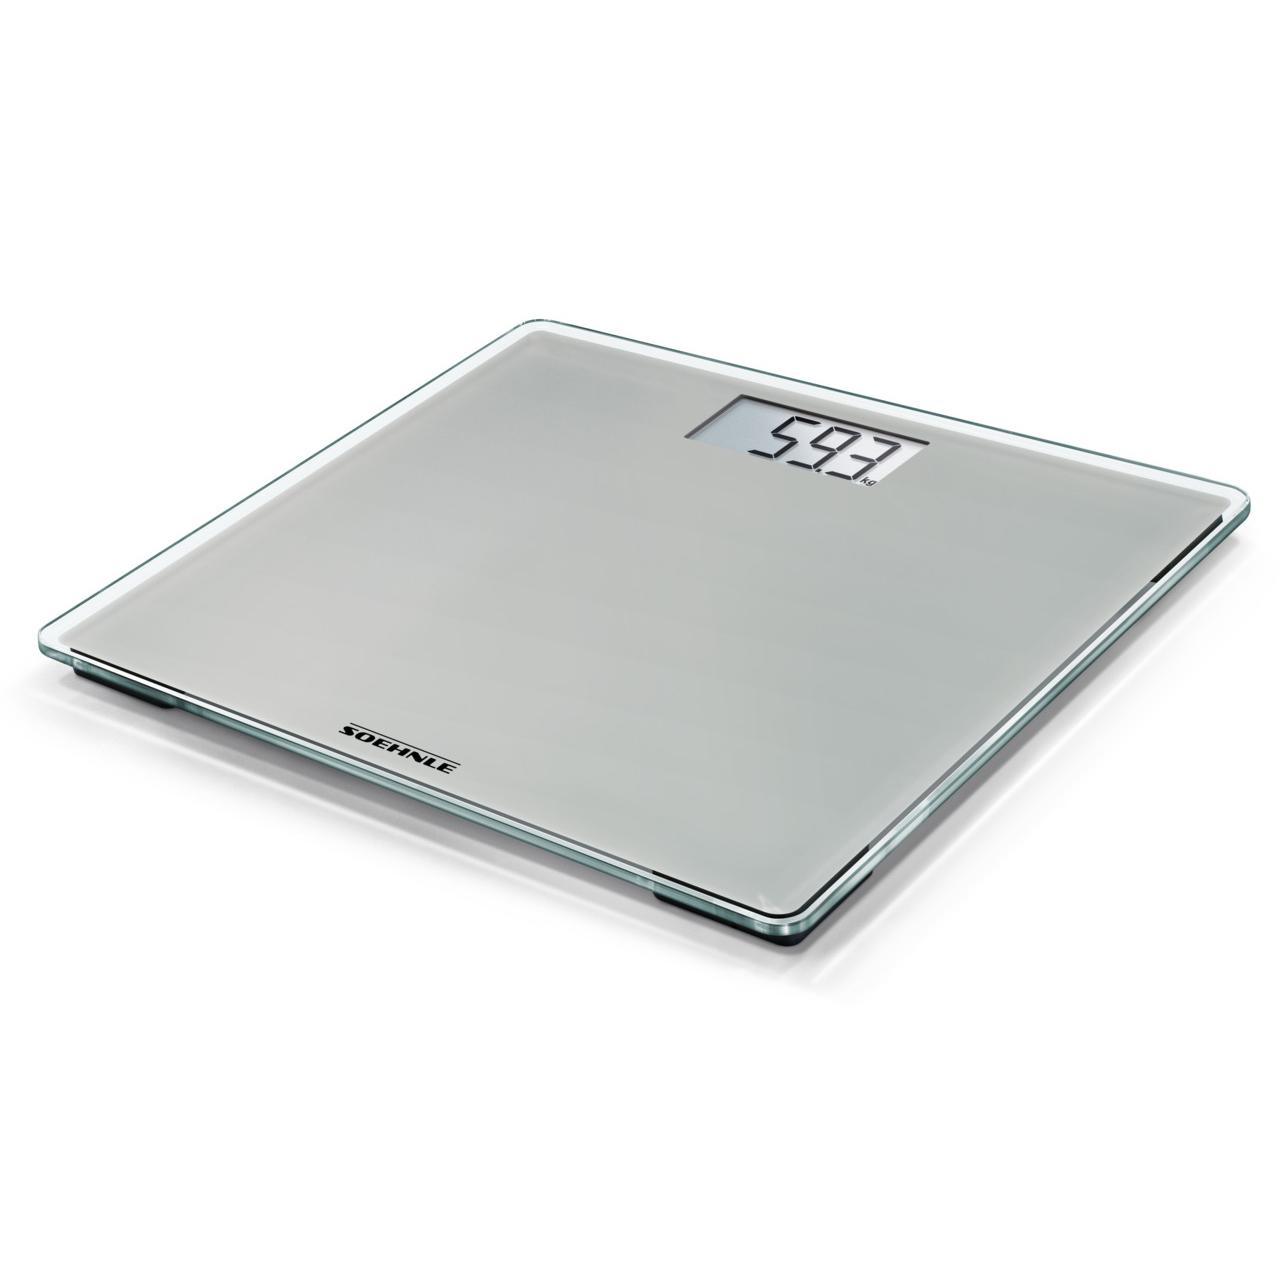 Soehnle Style Sense Compact 200 Stone Grey osobní váha - digitální SOEHNLE 63878